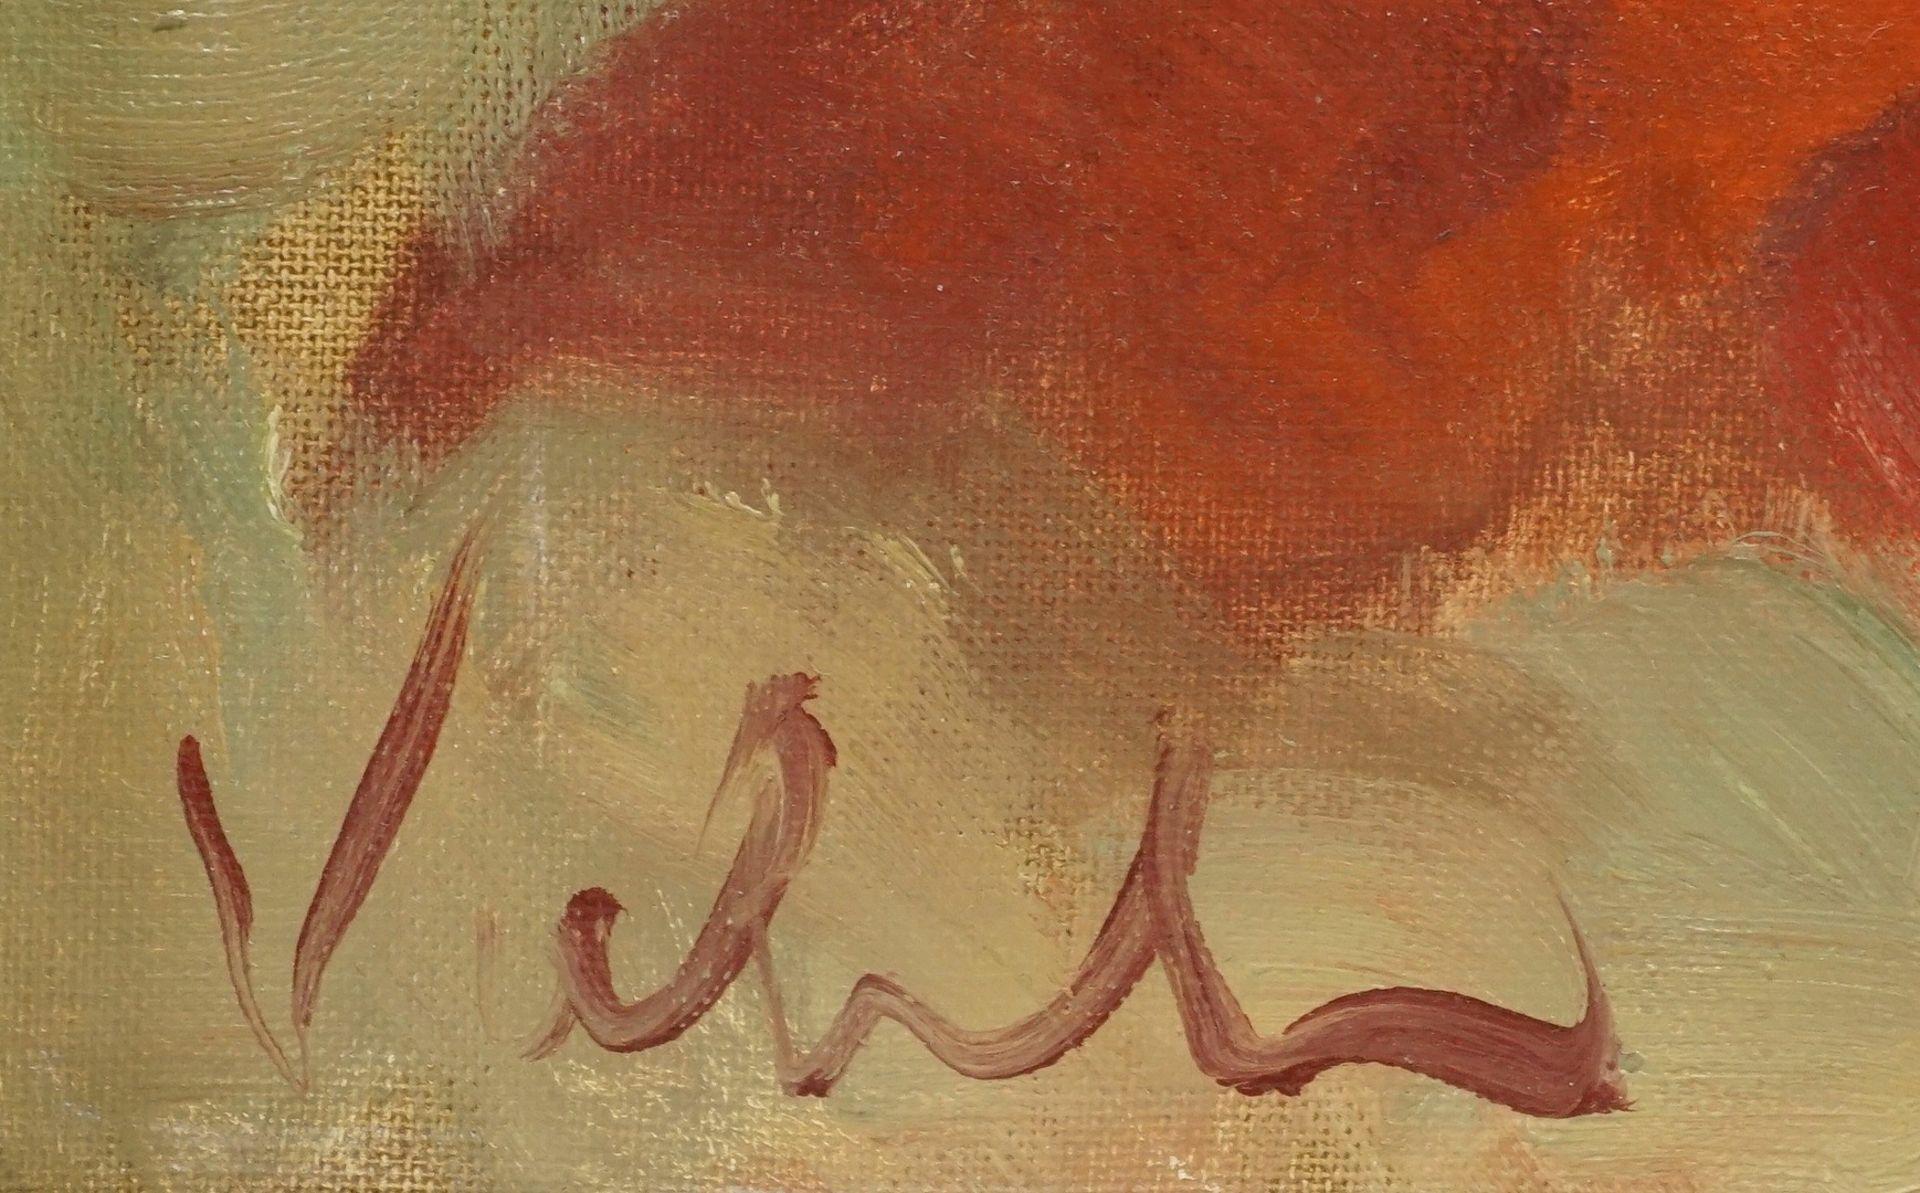 Viehl ( ), Maler und Modell (Hommage à Renoir) - Bild 4 aus 4